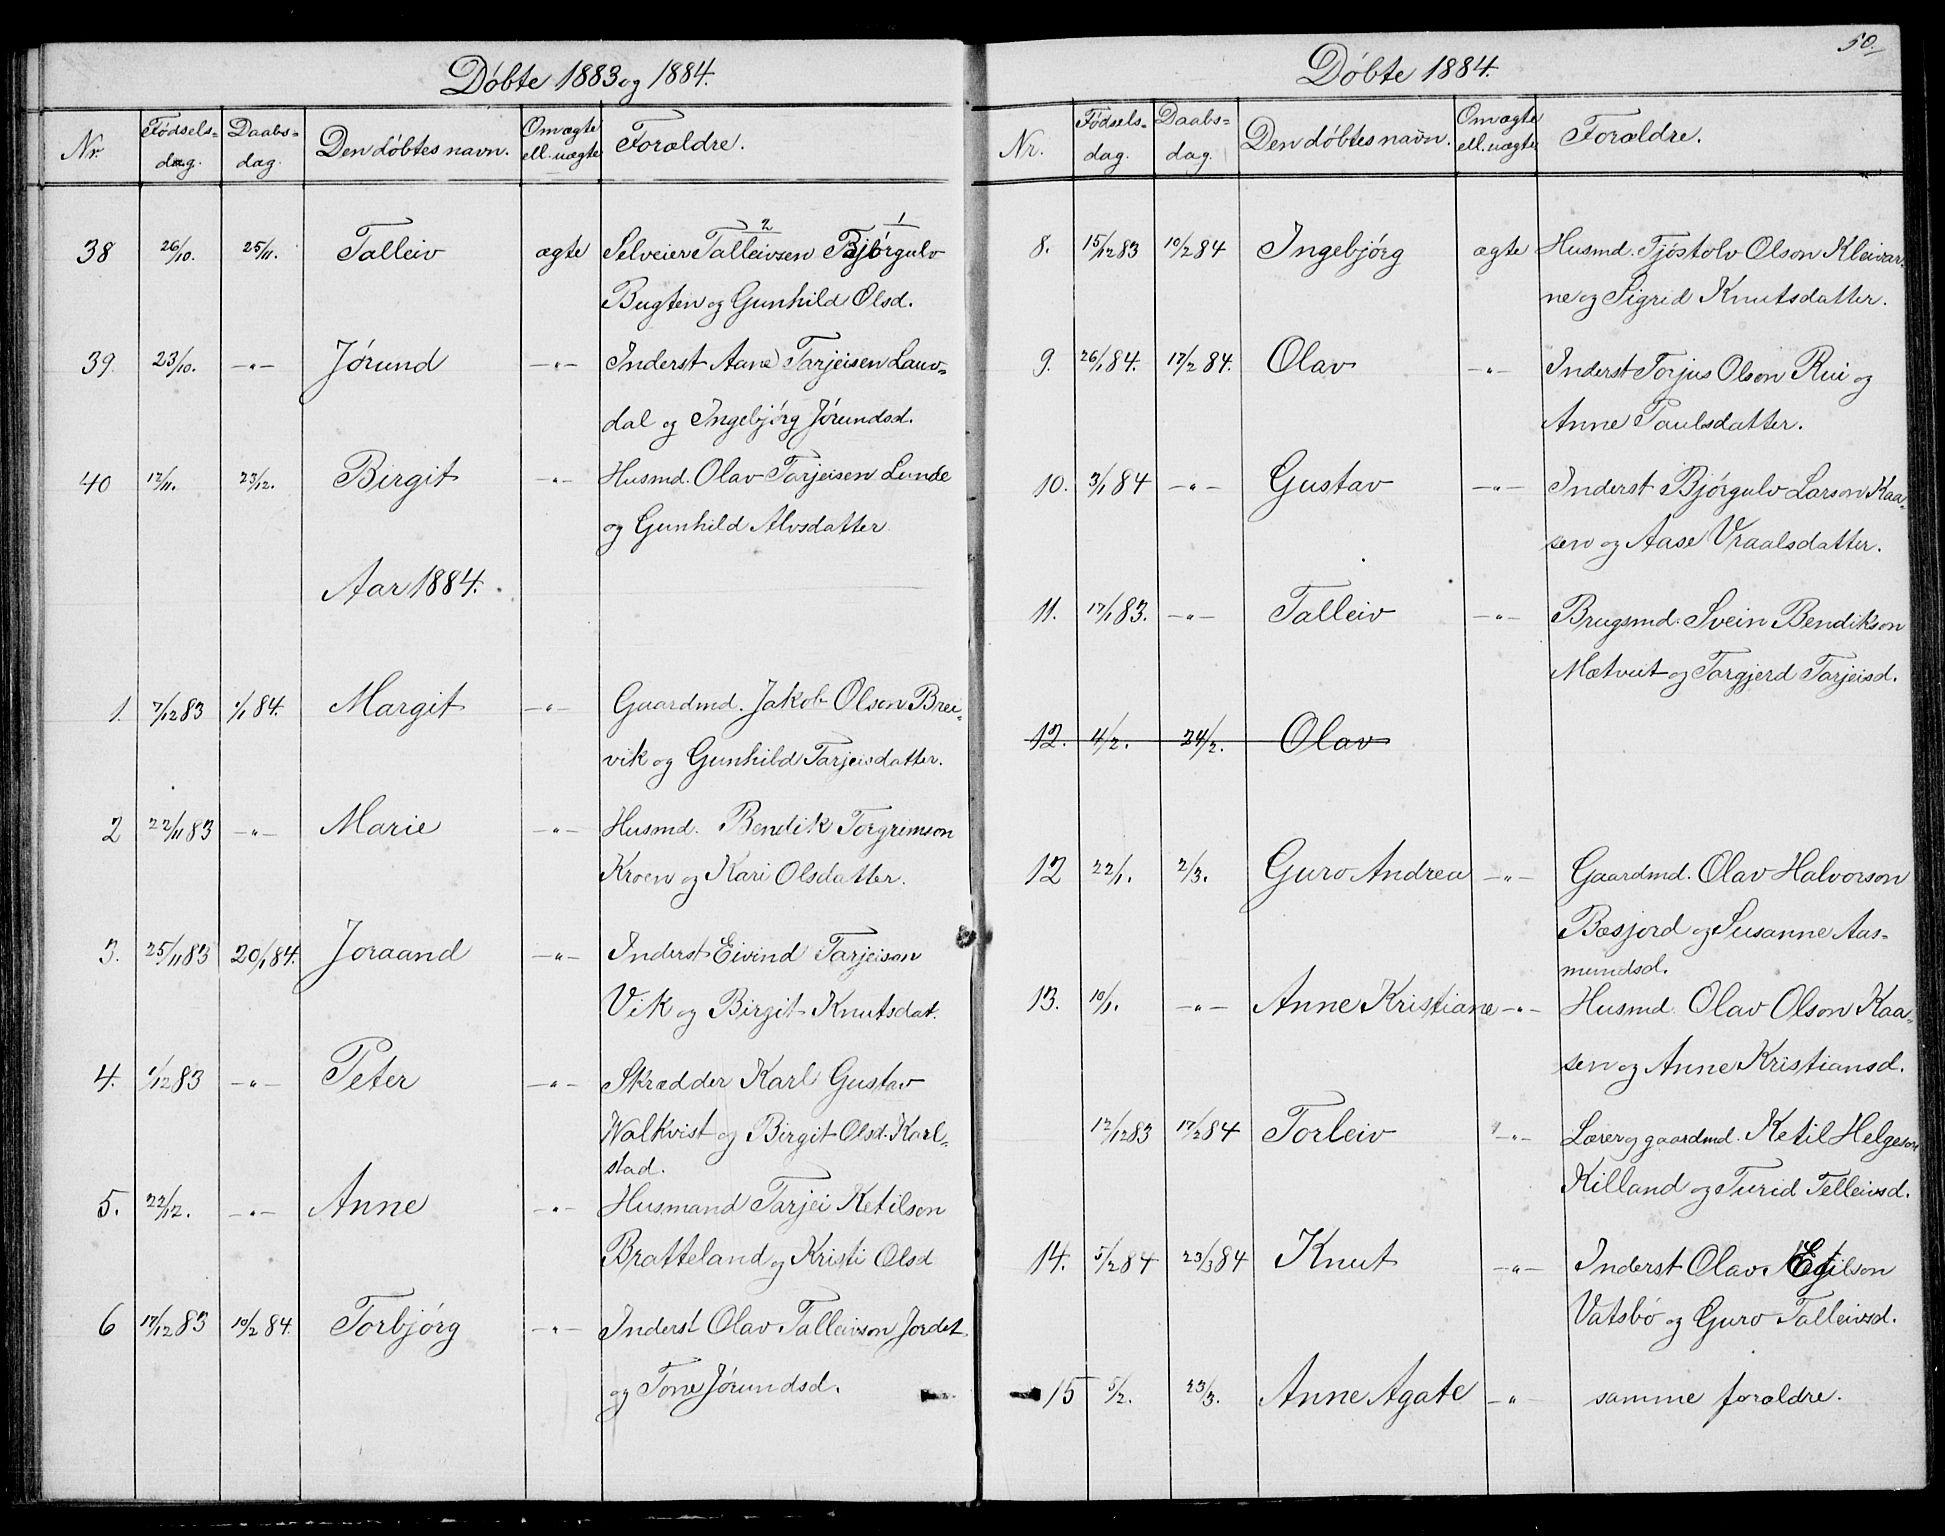 SAKO, Fyresdal kirkebøker, G/Ga/L0004: Klokkerbok nr. I 4, 1864-1892, s. 50